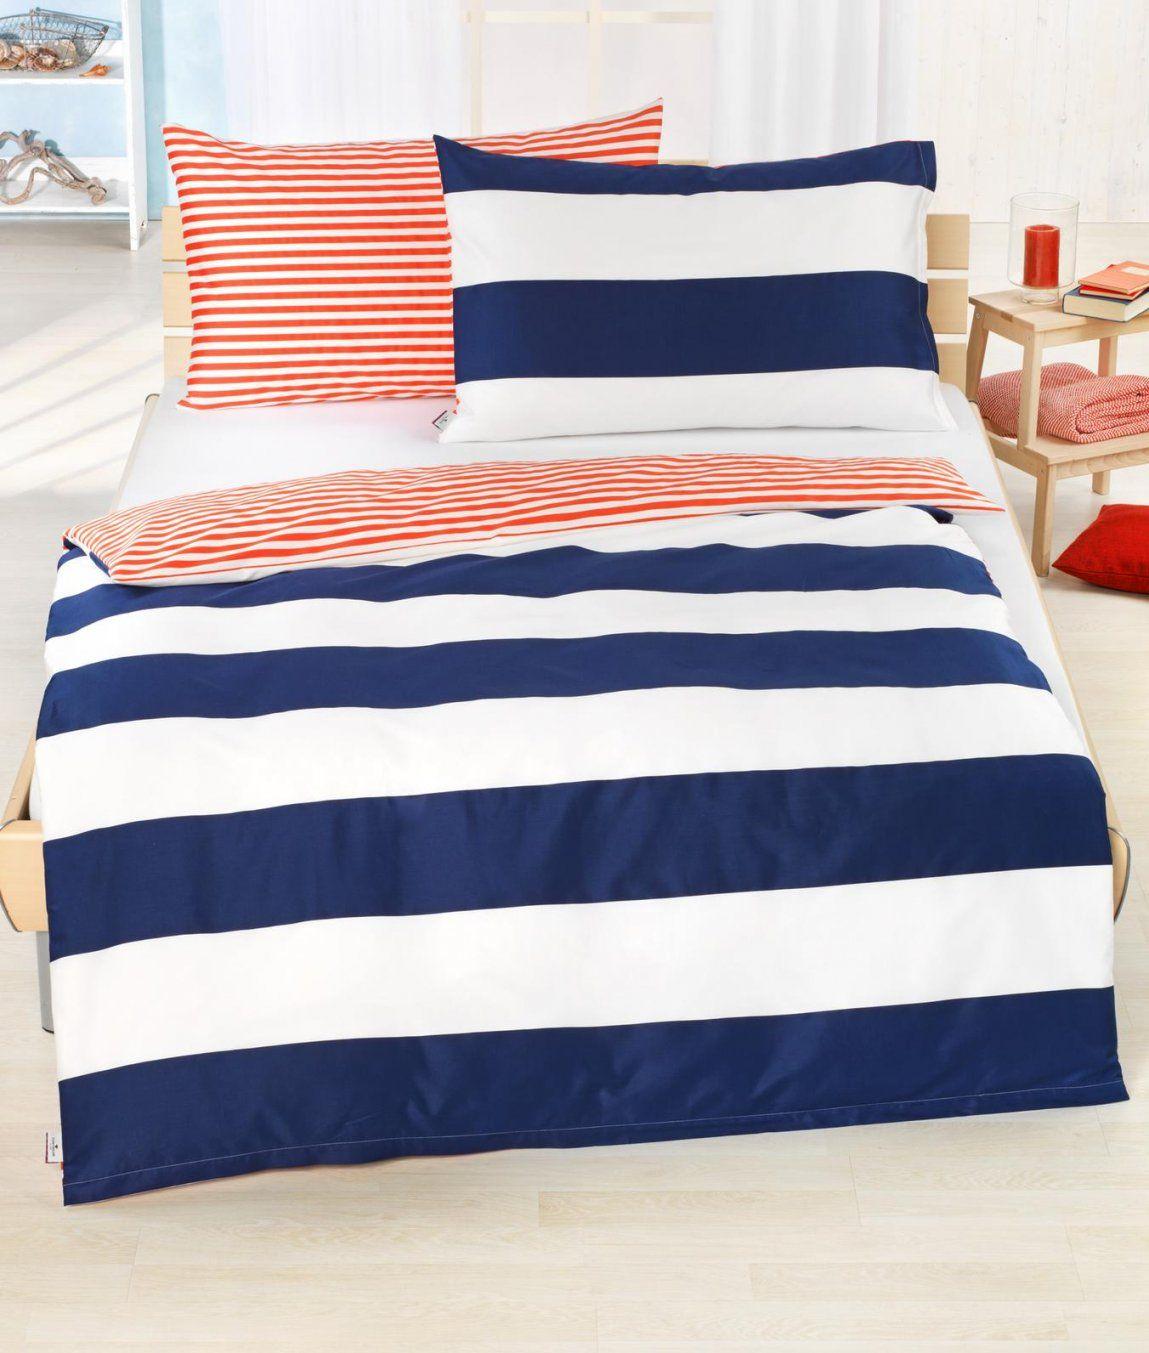 Tom Tailor Makosatin Bettgarnitur Ibiza Blau Kaufen Angela Von Tom